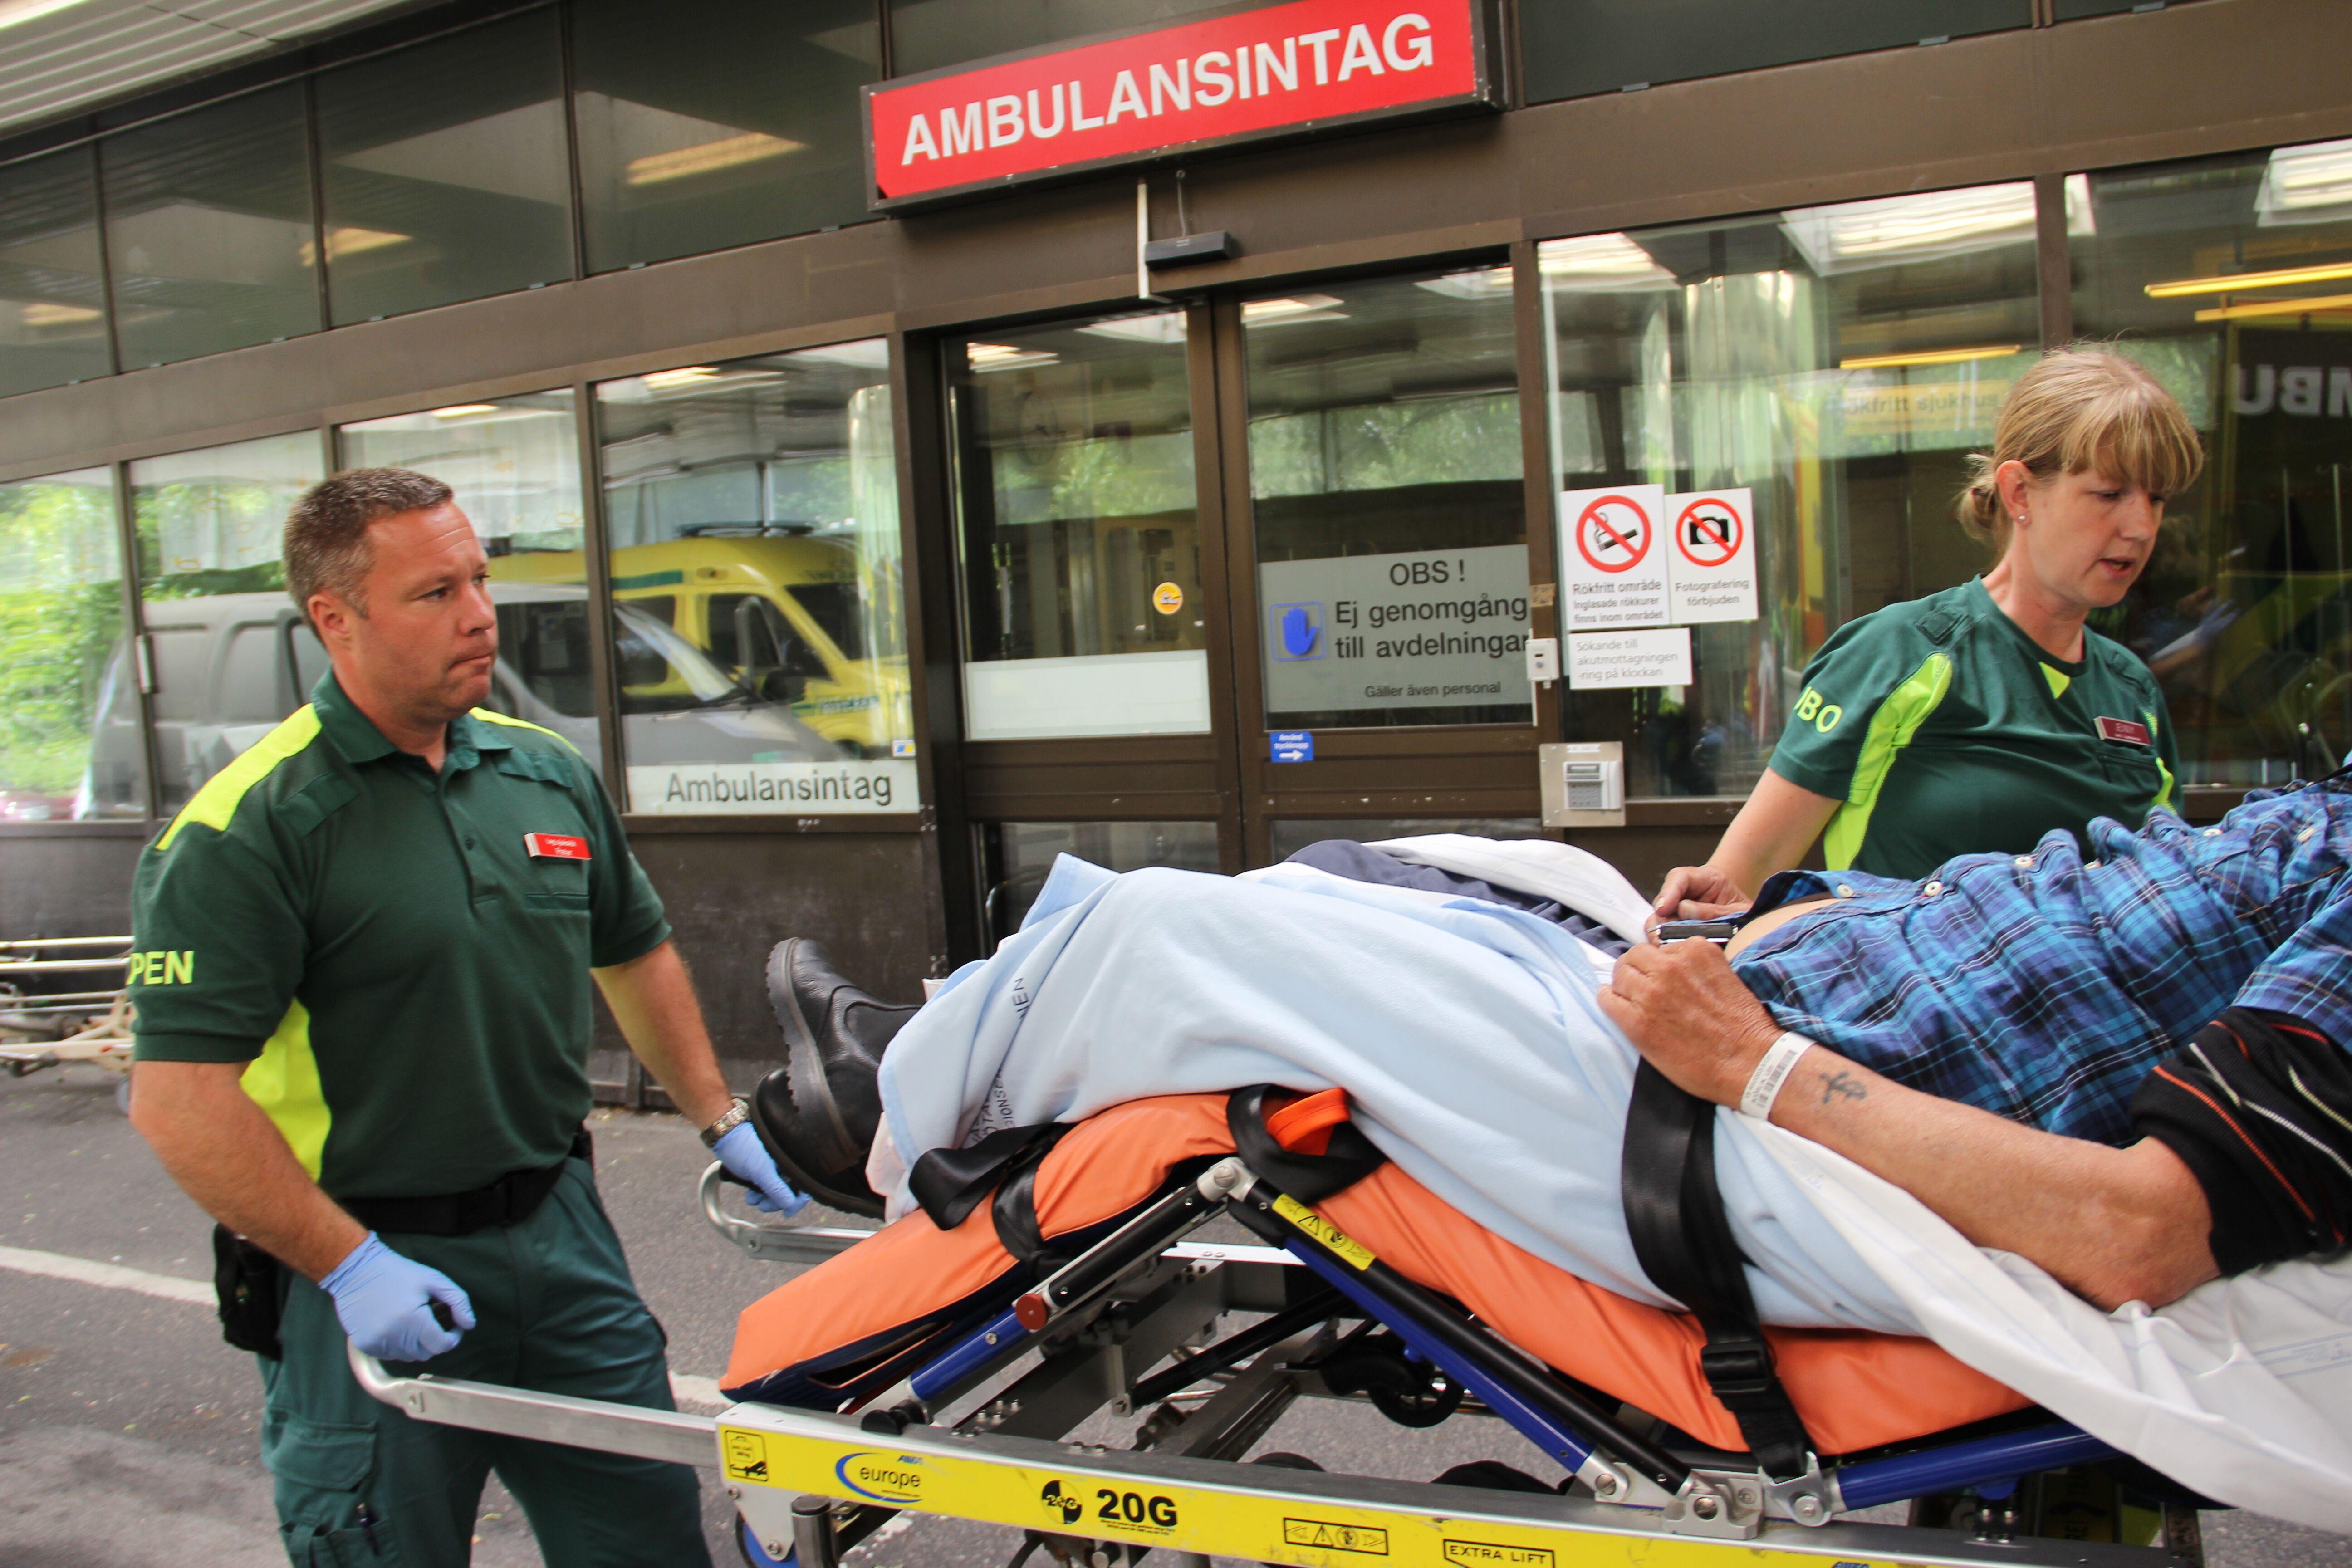 Jenny og Peter, ambulansesykepleiere på jobb.